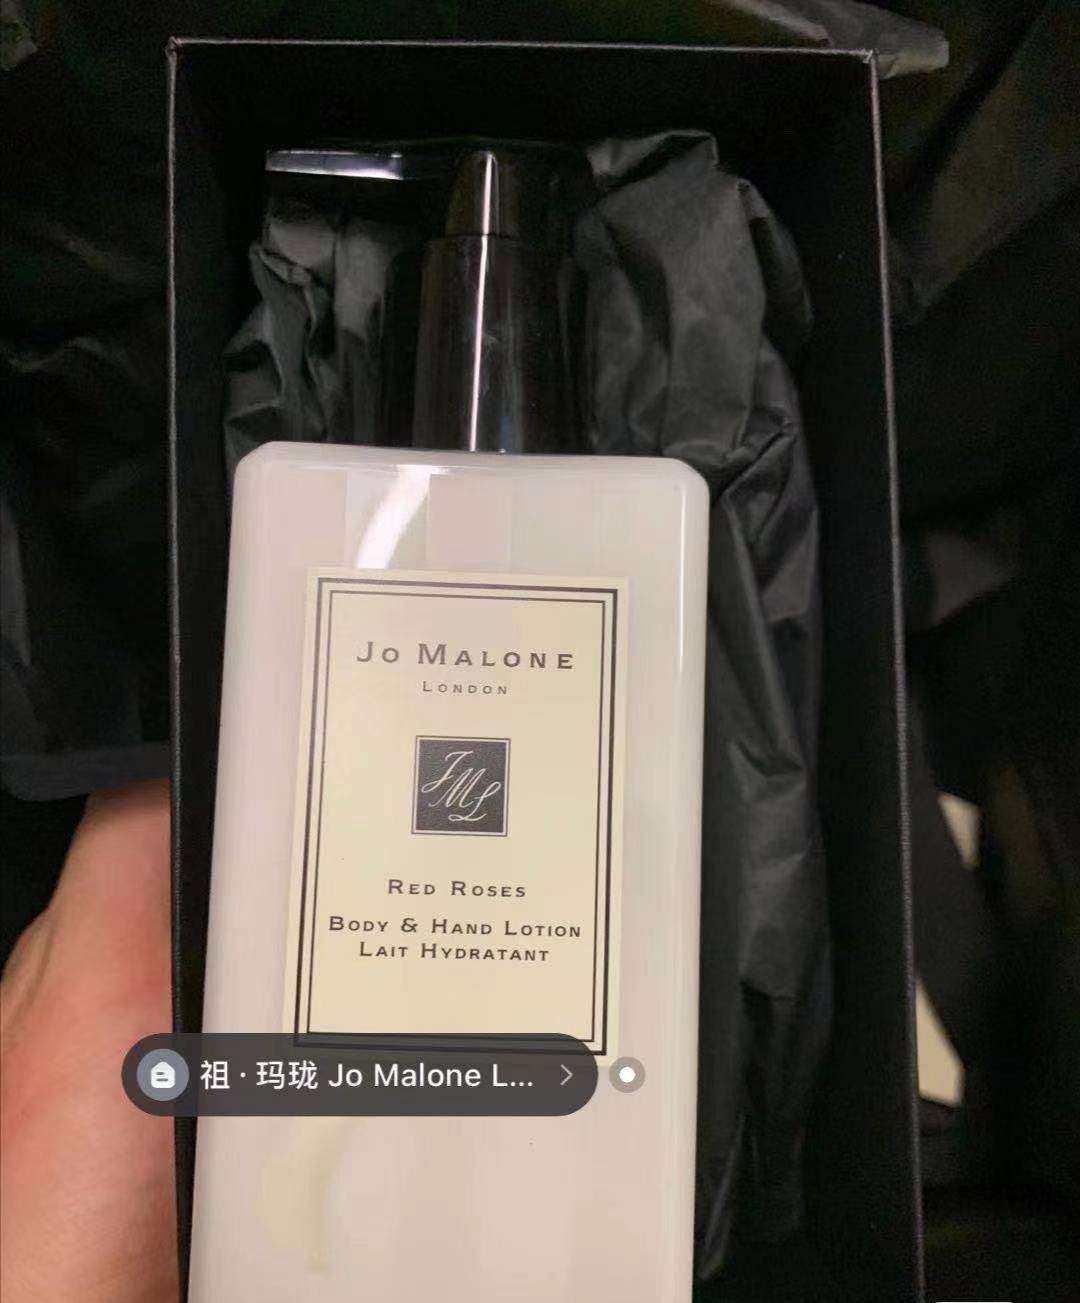 开箱收货身体乳,转运168美中转运,包装超 不管是香水还是身